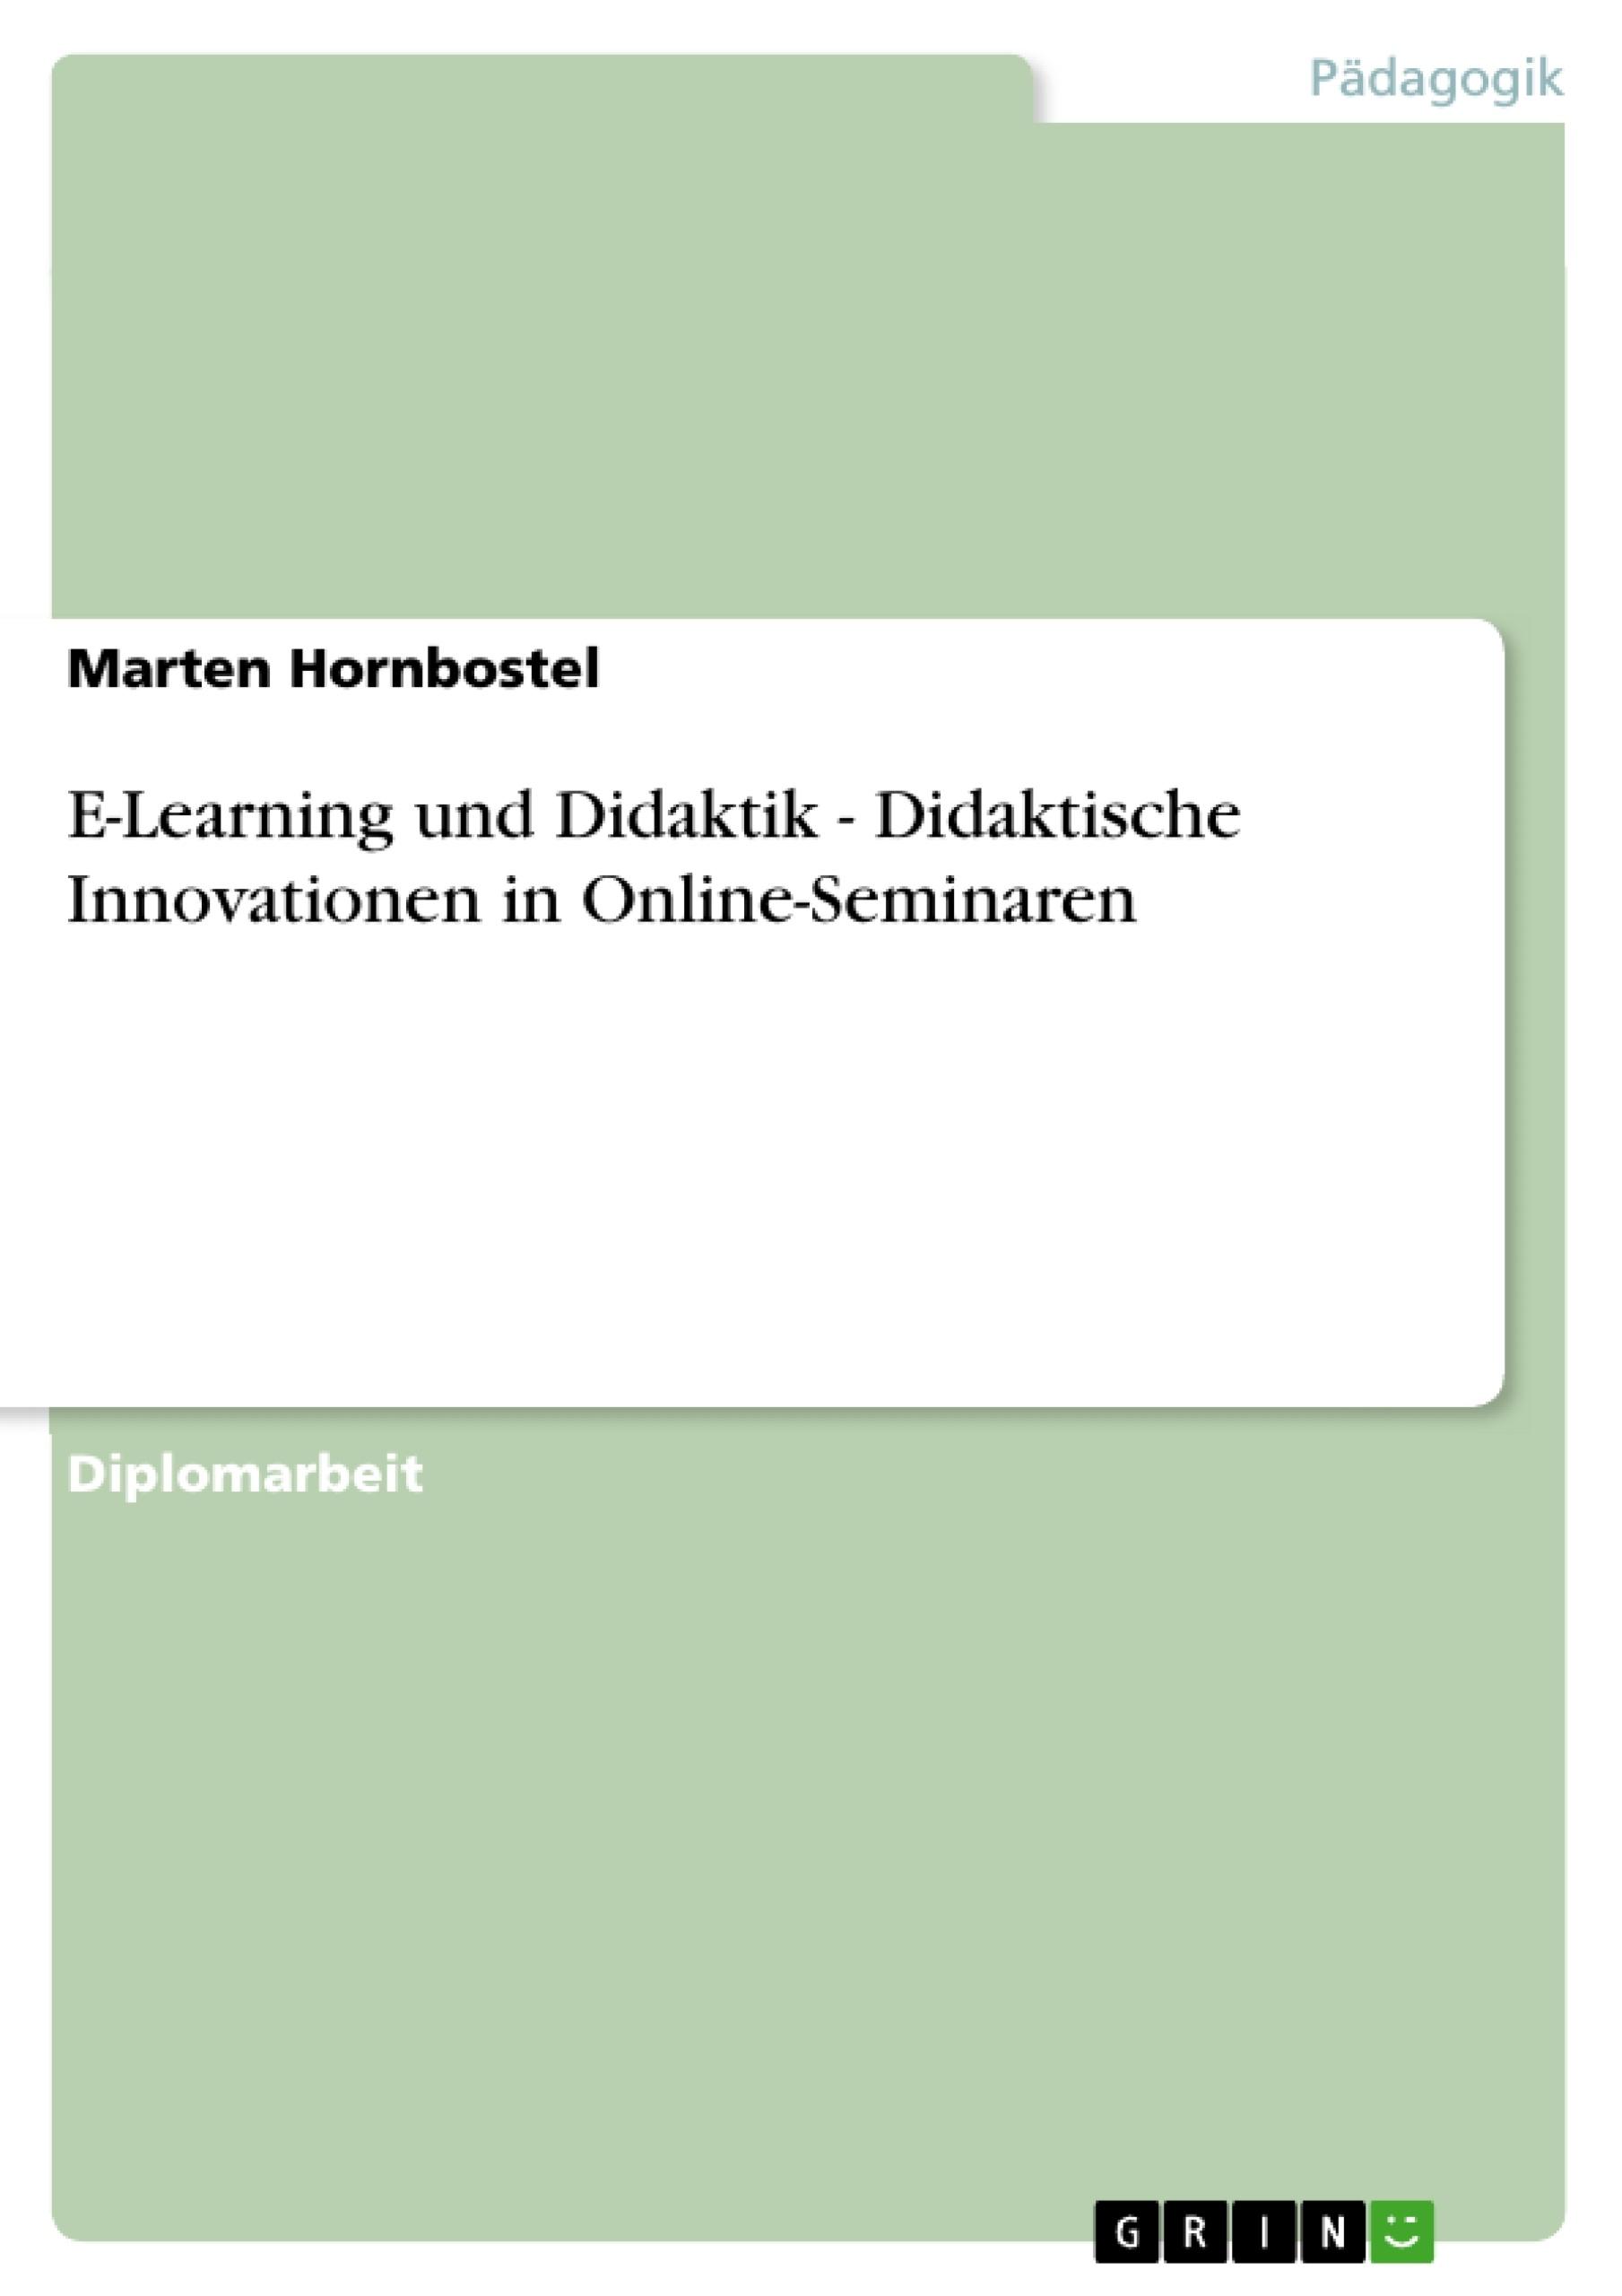 Titel: E-Learning und Didaktik - Didaktische Innovationen in Online-Seminaren